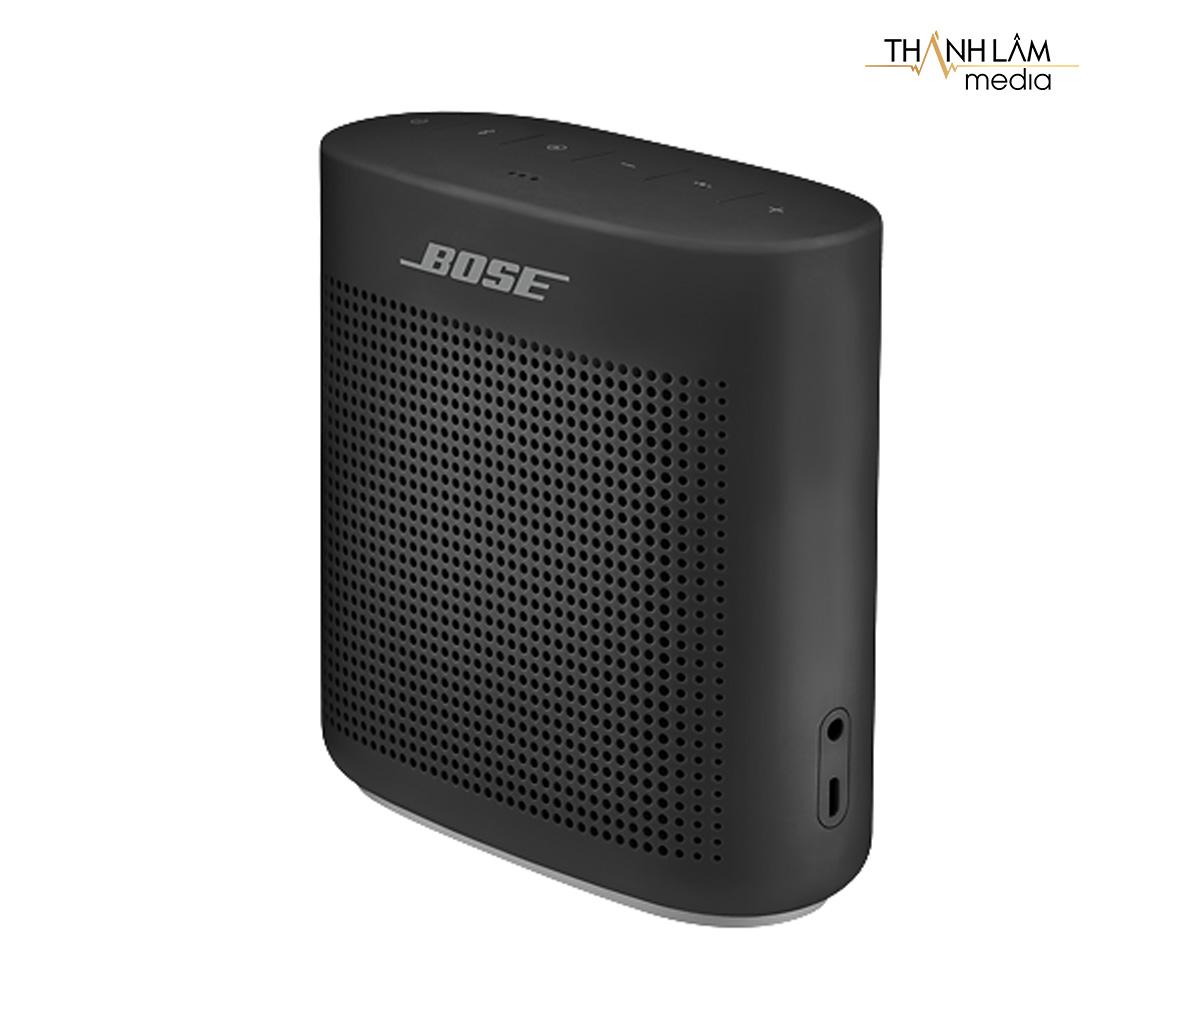 Loa-Bose-SoundLink-Color-2-Den-3